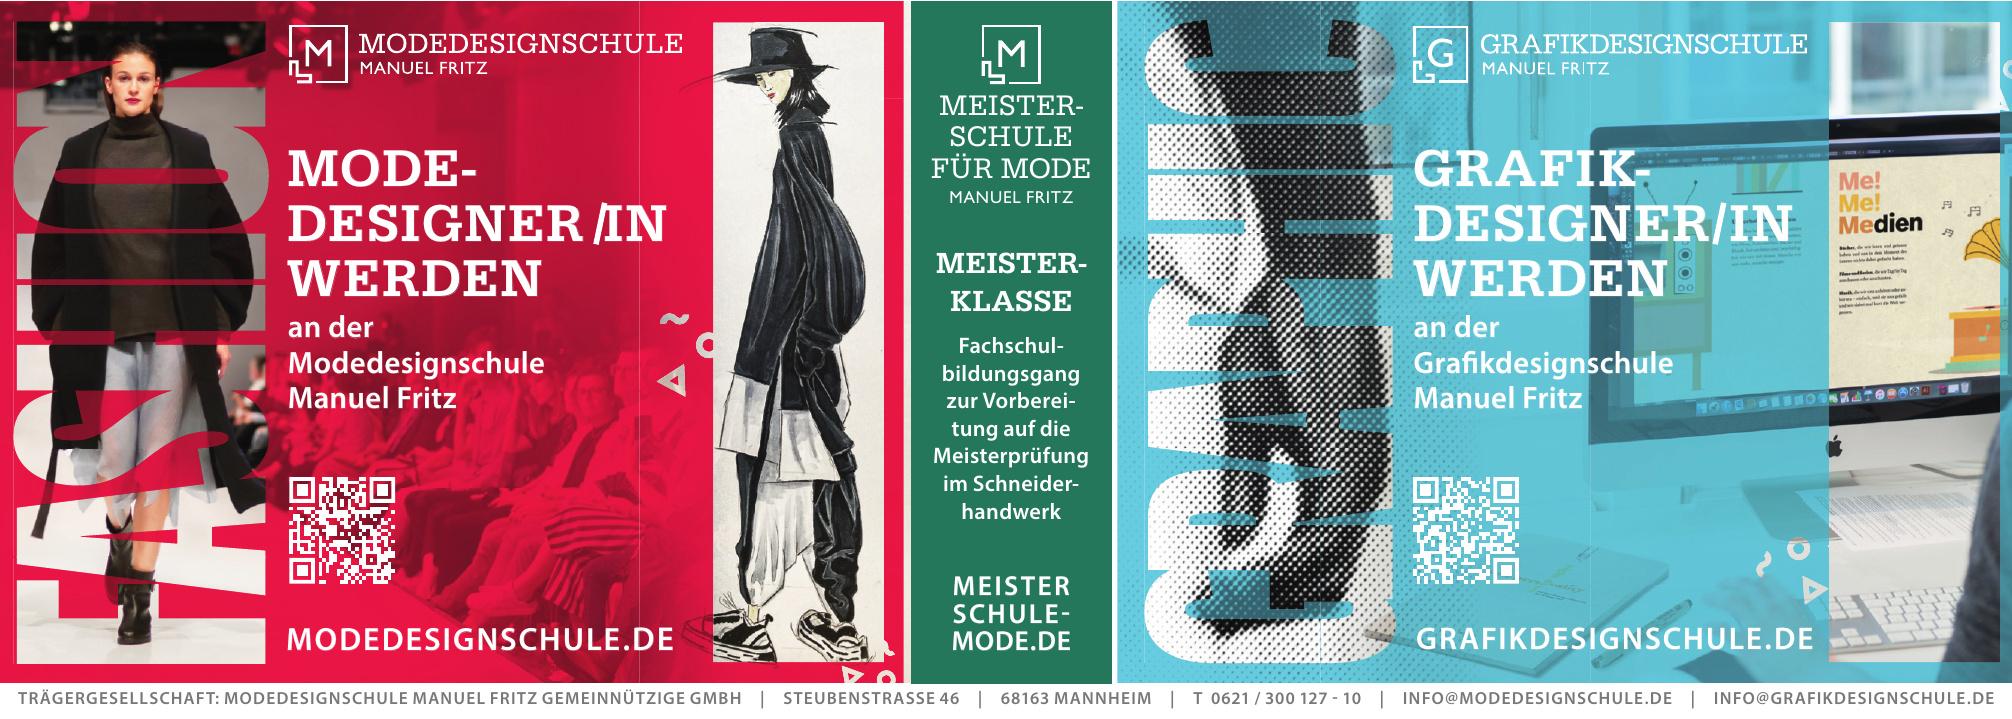 Modedesignschule Manuel Fritz Gemeinnützige GmbH